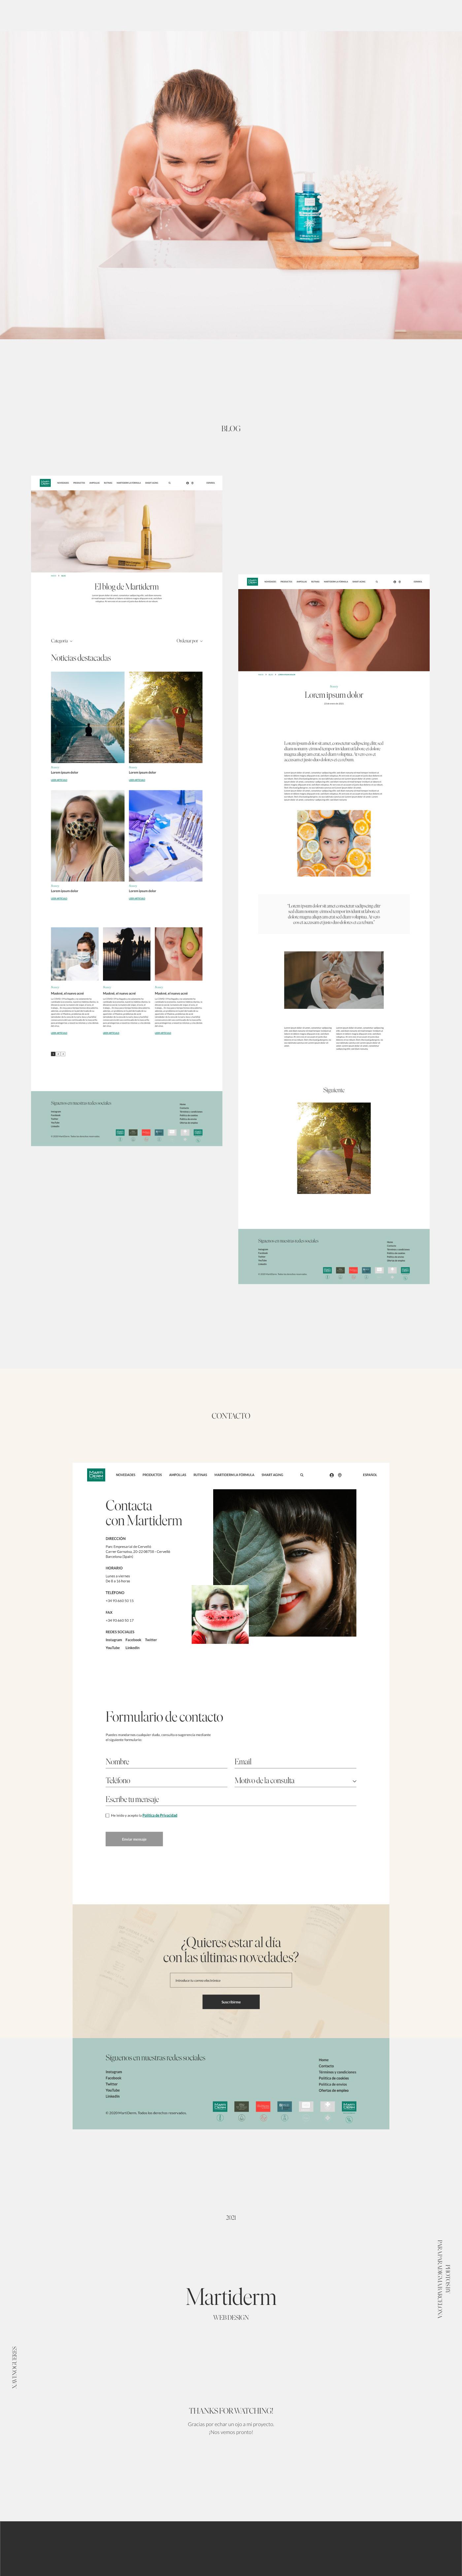 Image may contain: screenshot, abstract and map